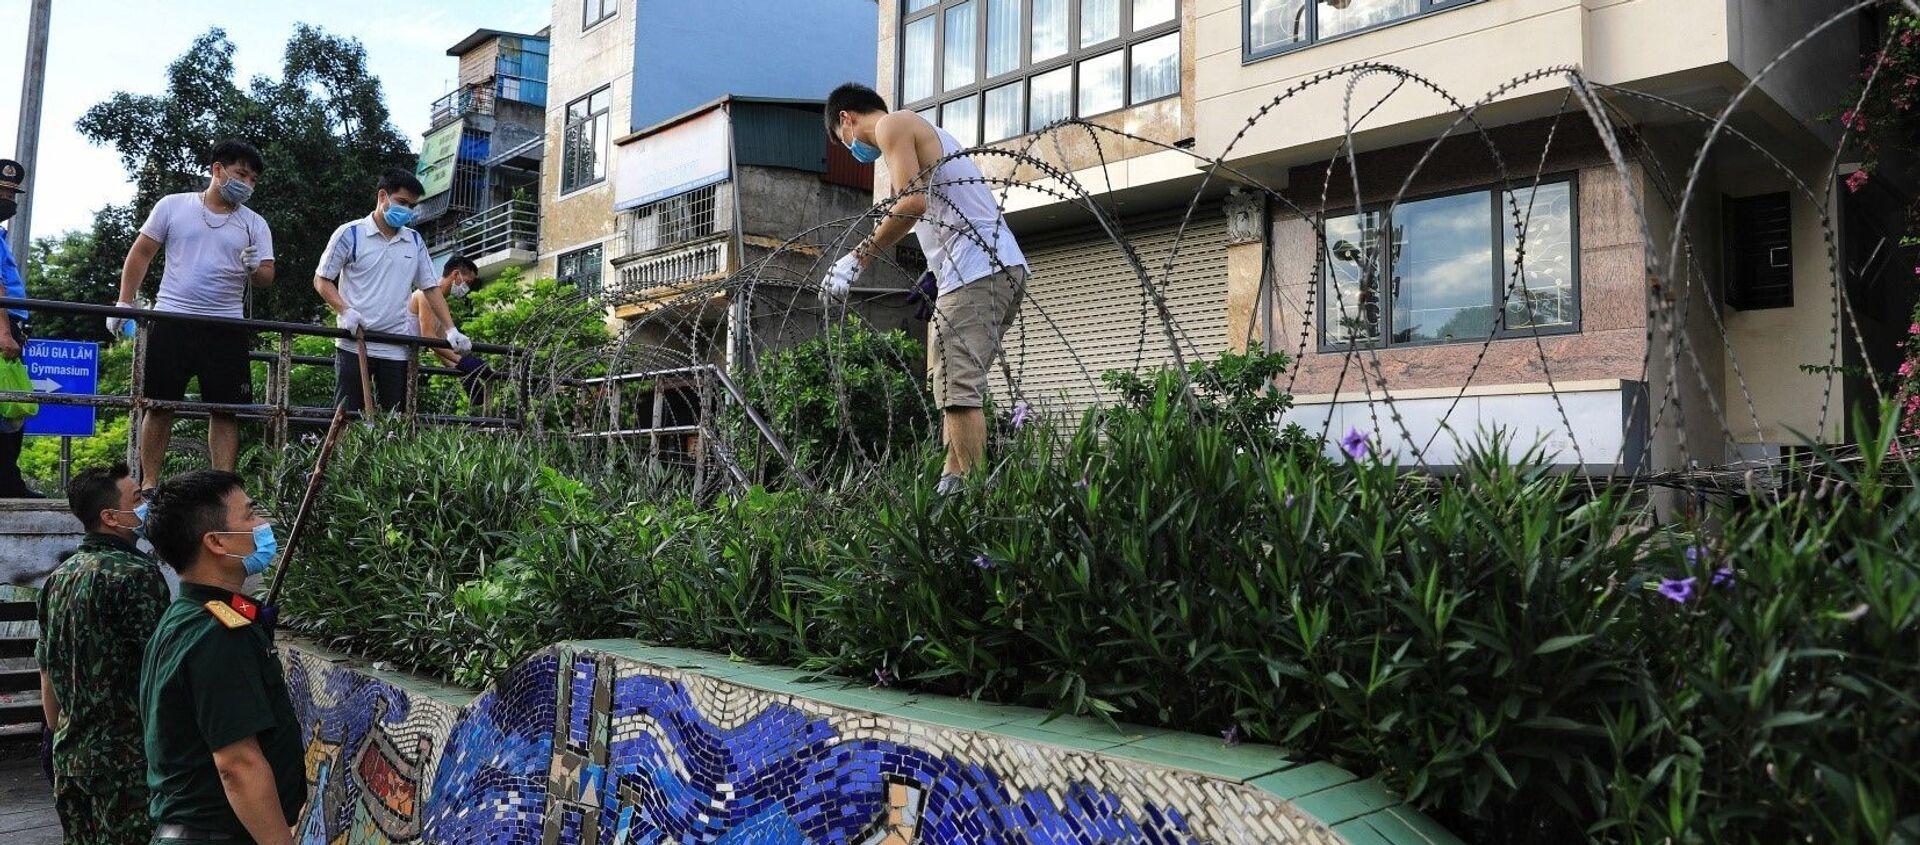 Lập hàng rào dây thép gai dọc đường Hồng Hà khu vực phong tỏa cả phường Chương Dương (Hà Nội) - Sputnik Việt Nam, 1920, 06.08.2021